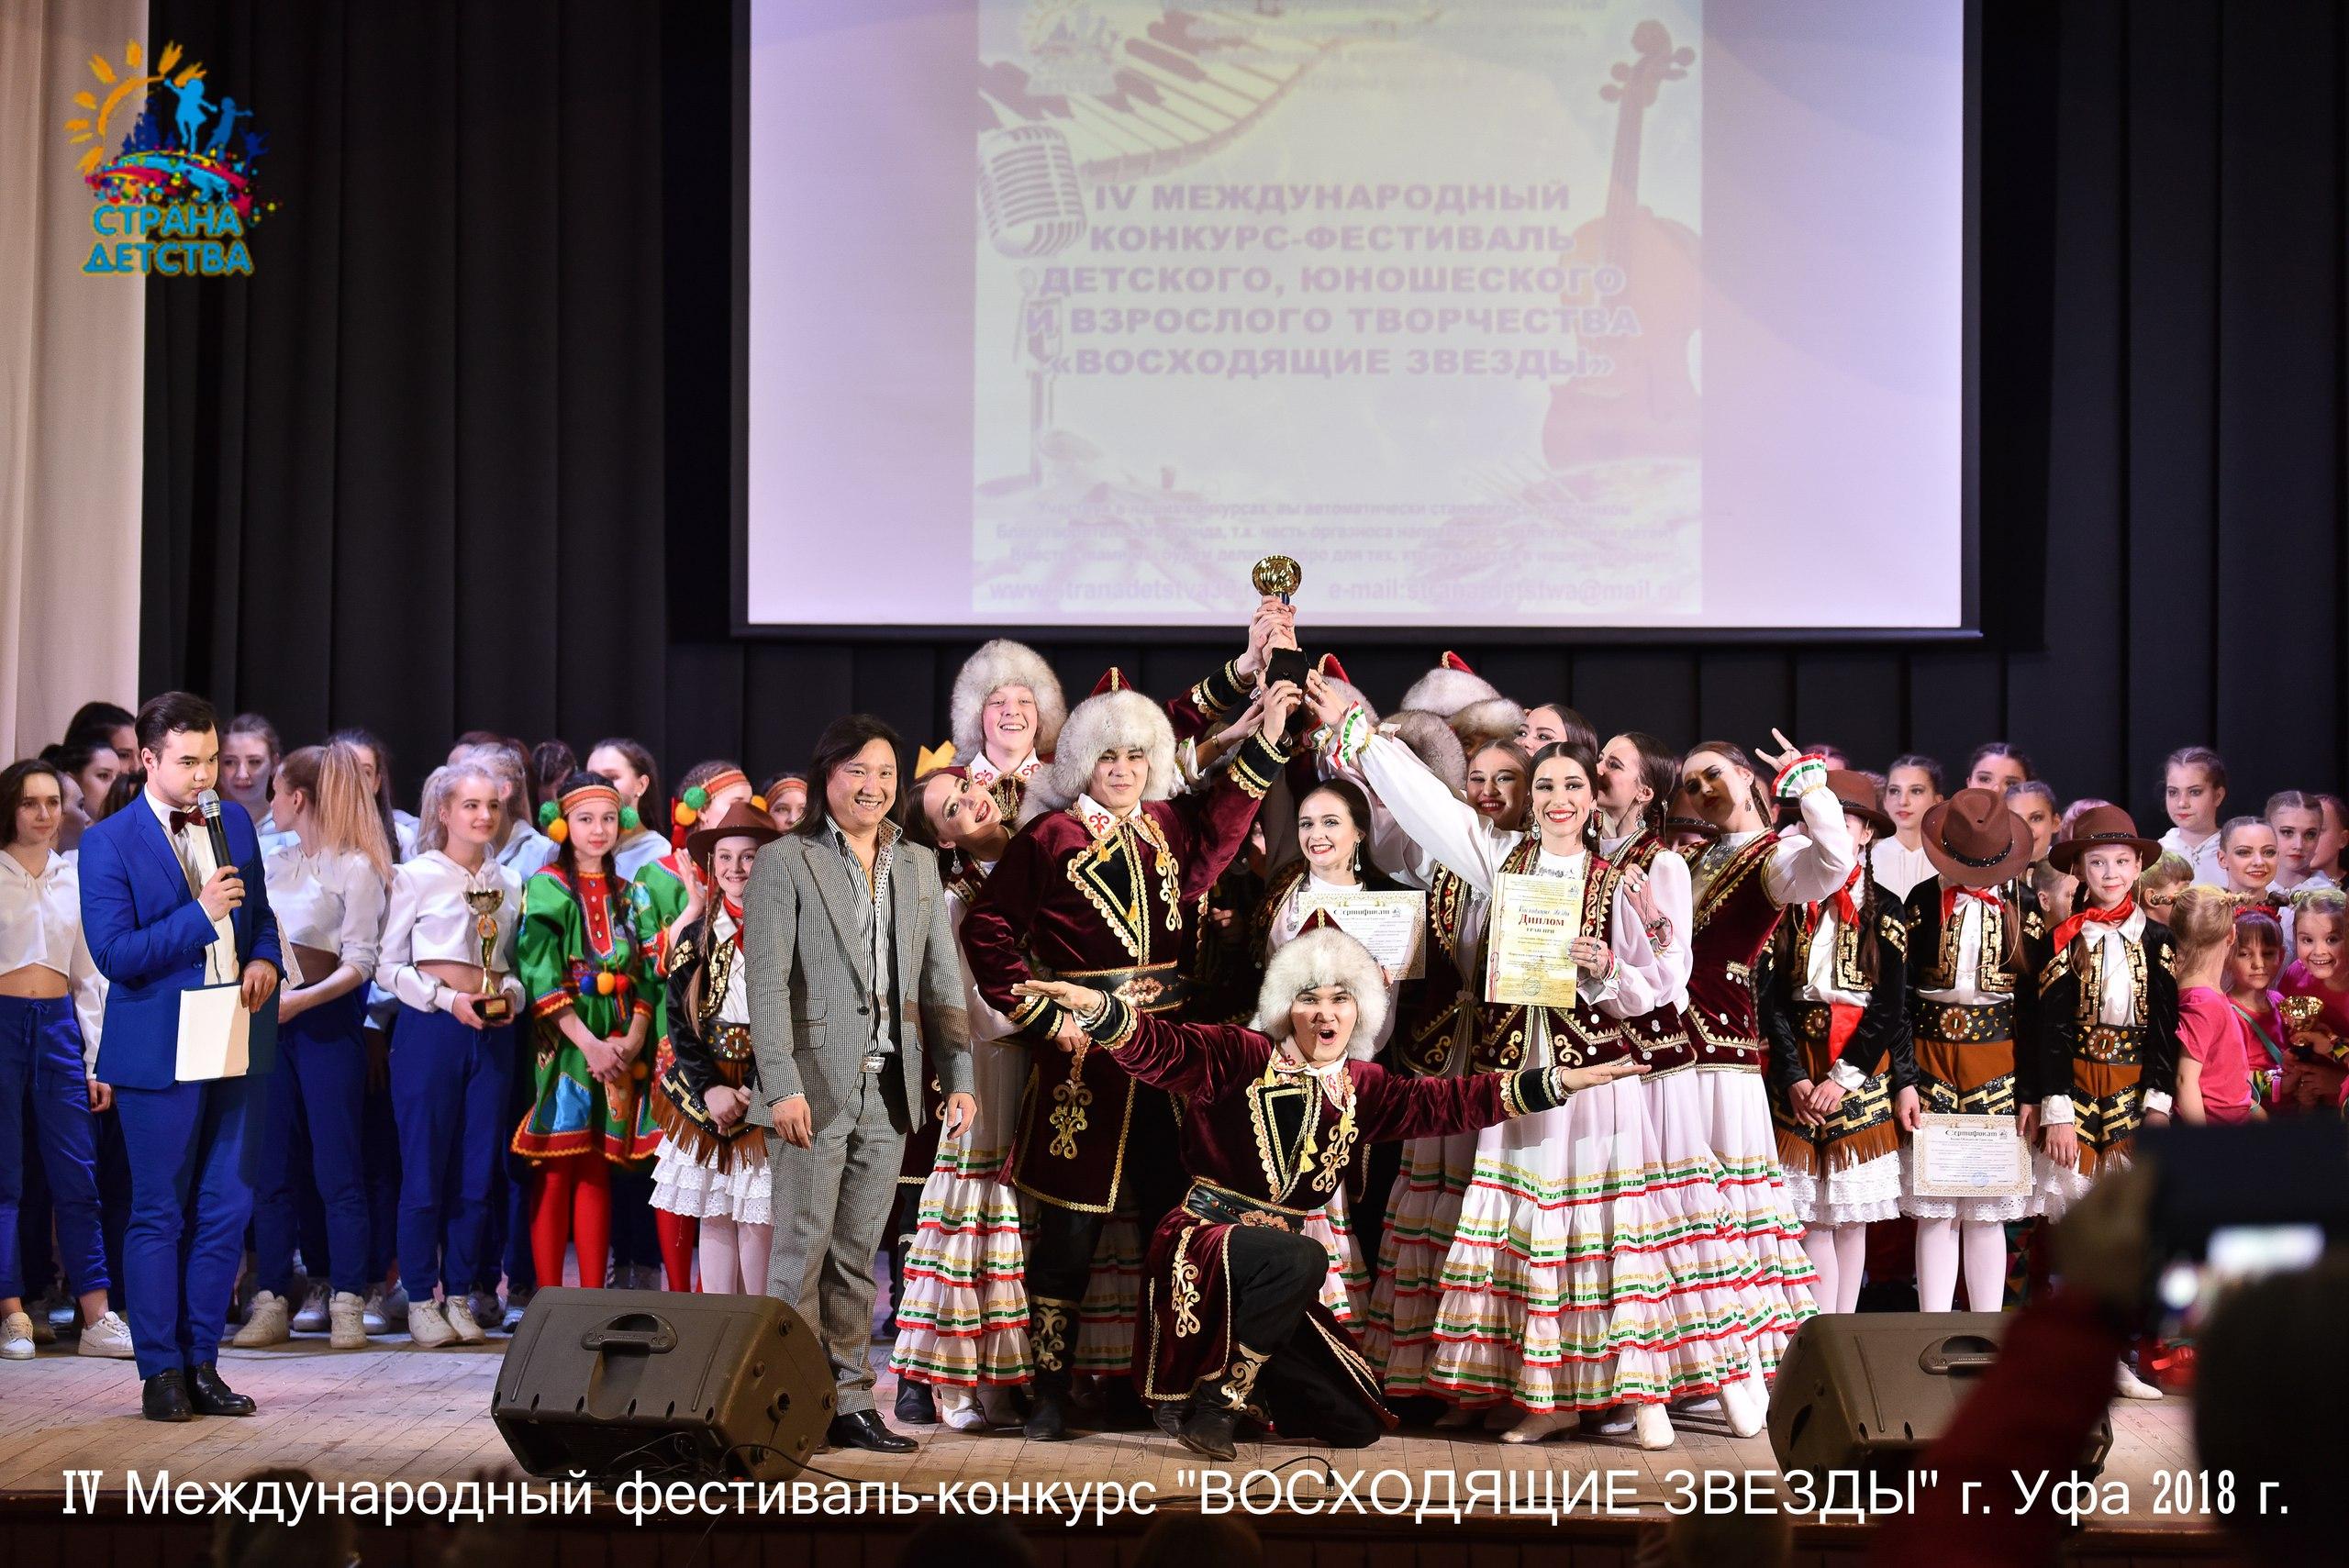 VII Международный фестиваль-конкурс детского, юношеского и взрослого творчества «ВОСХОДЯЩИЕ ЗВЕЗДЫ»